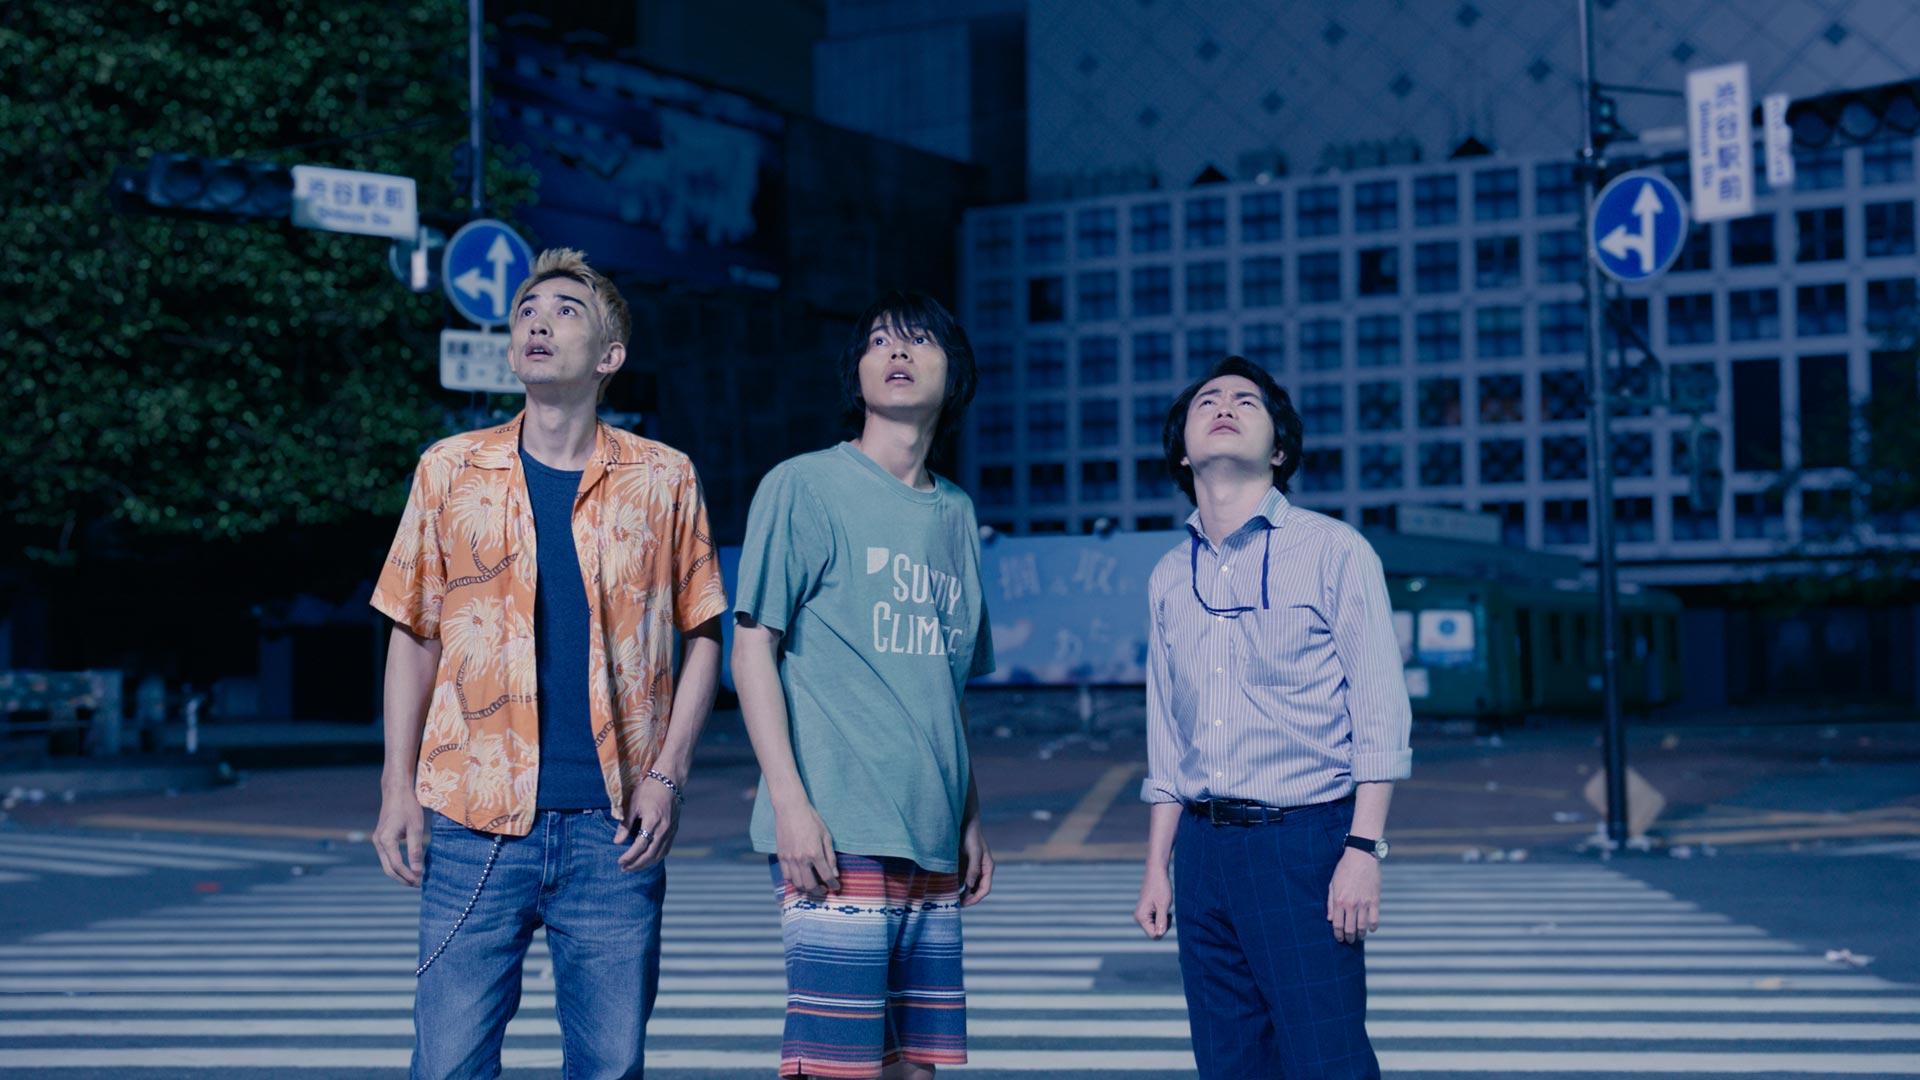 Drei Männer stehen auf einer Straße in Tokio und schauen in den Himmel